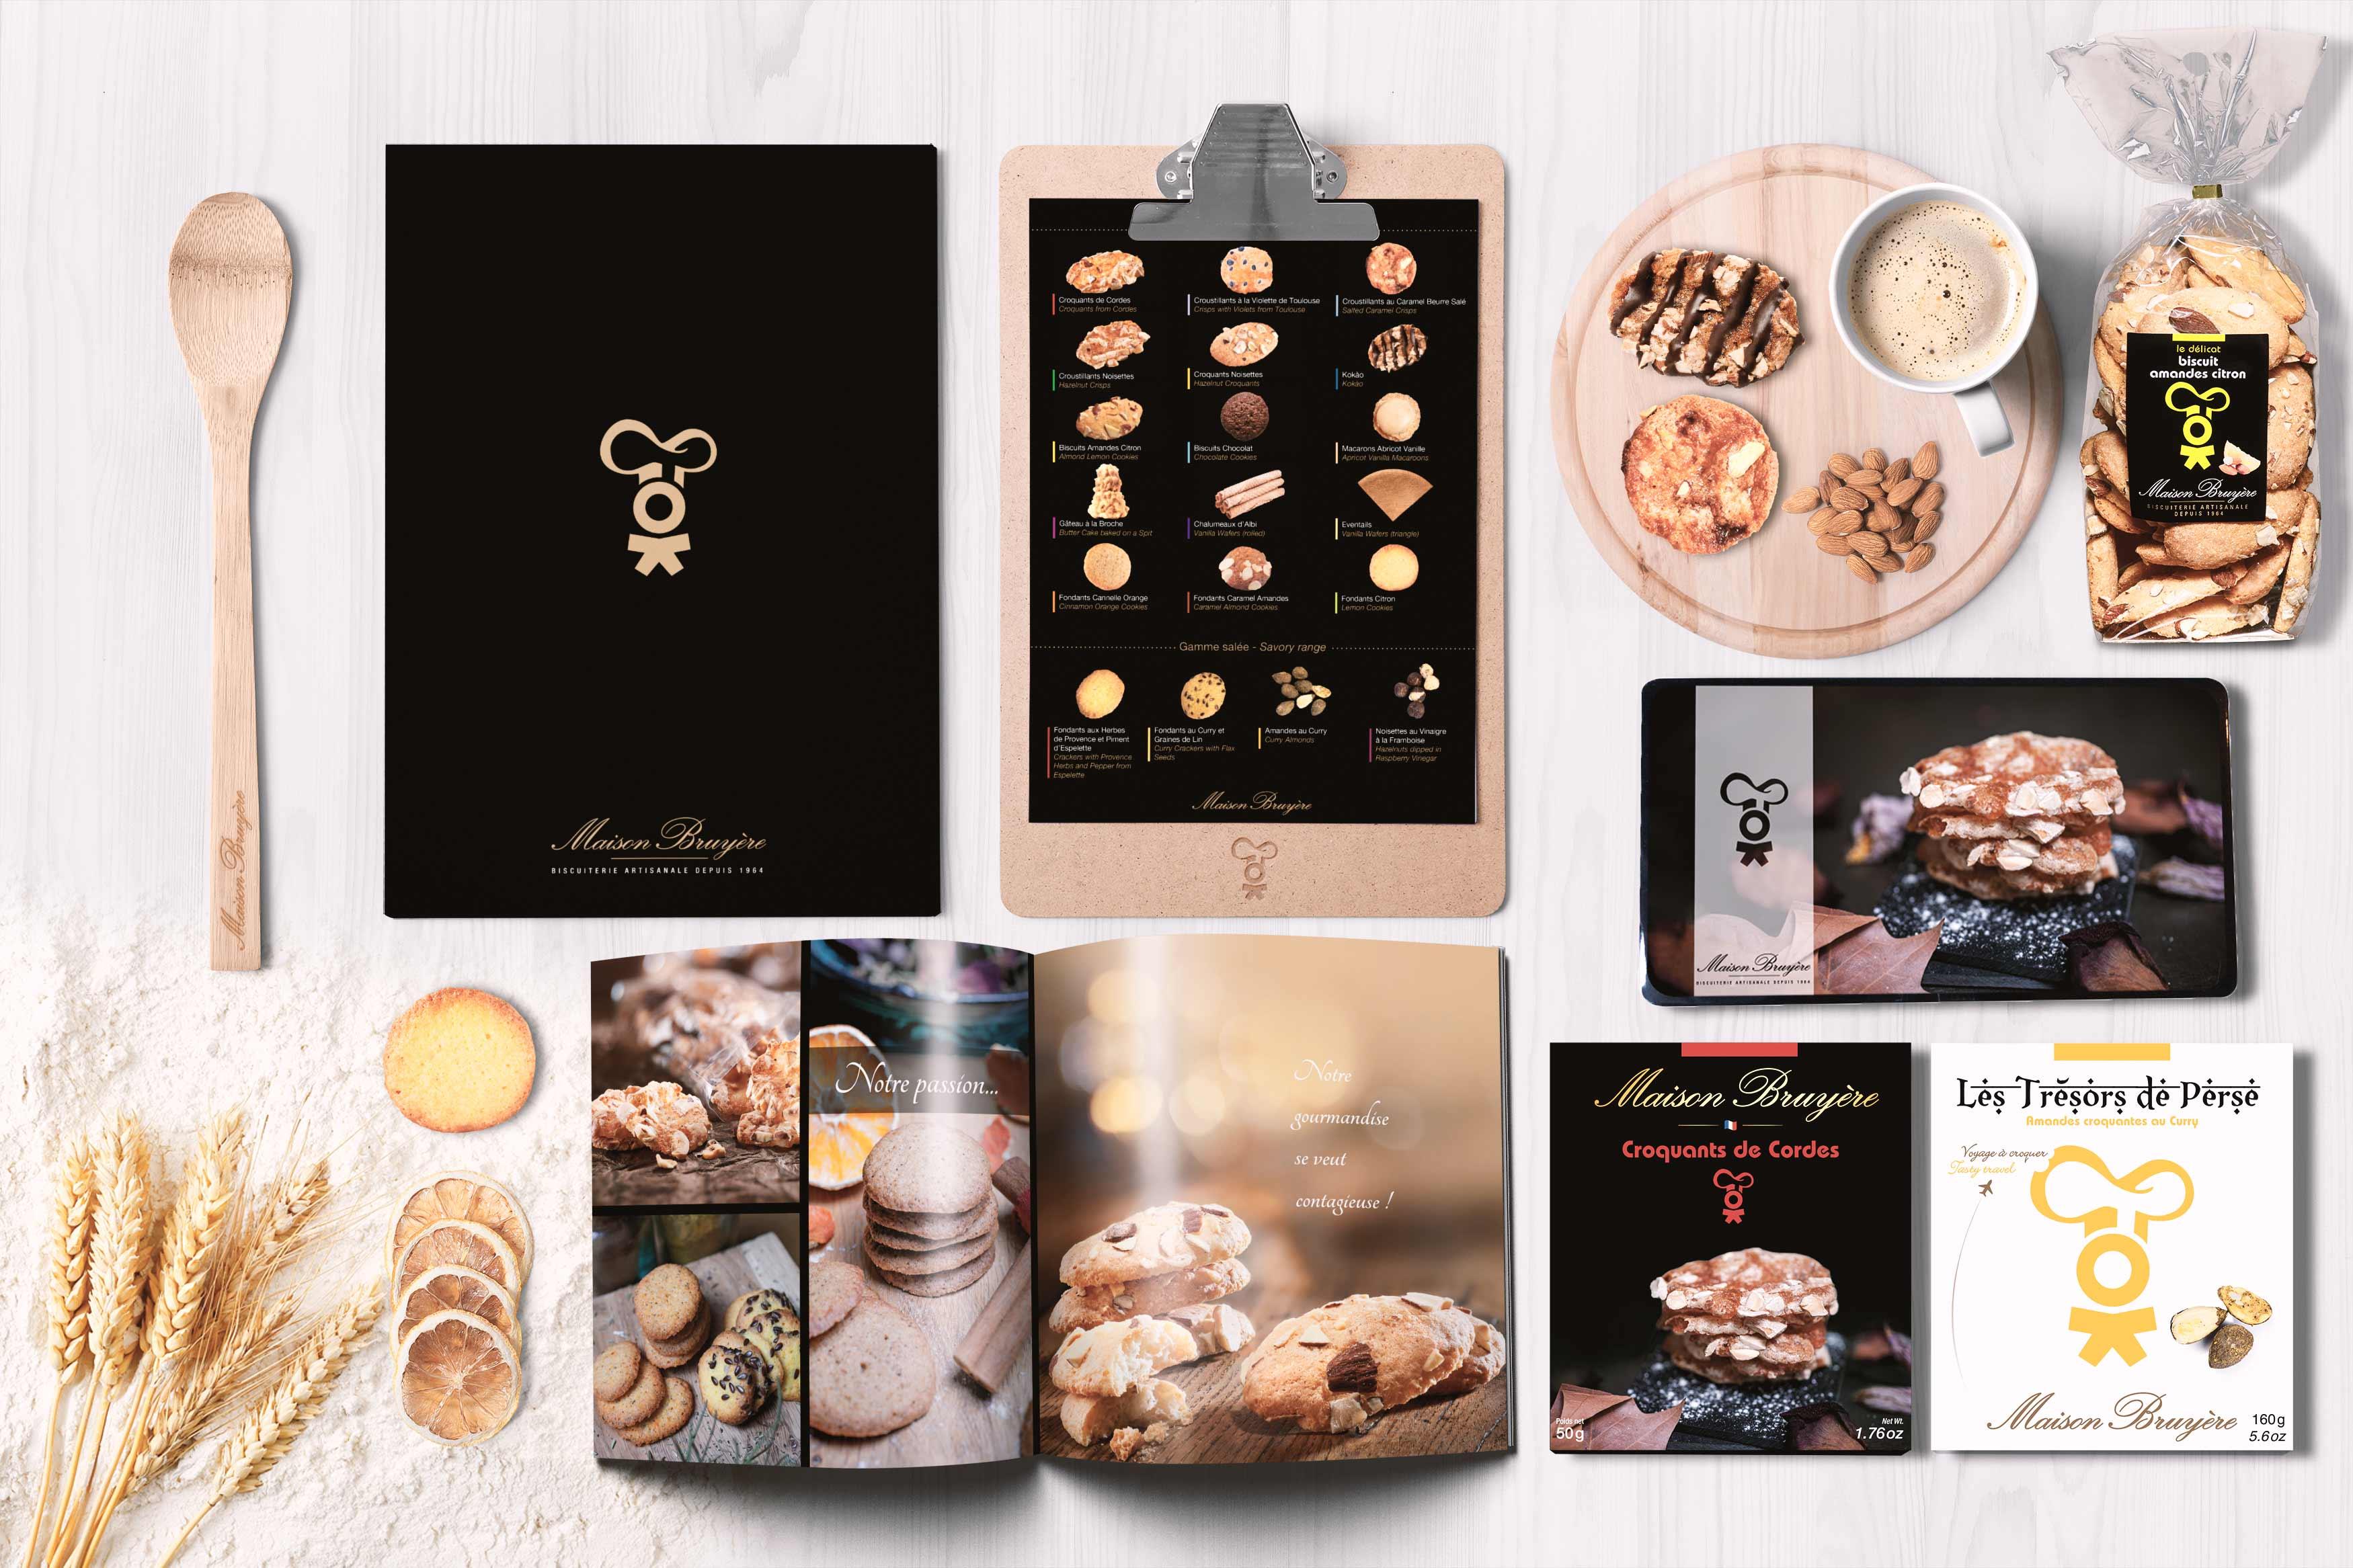 Maison Bruyere Packaging Branding